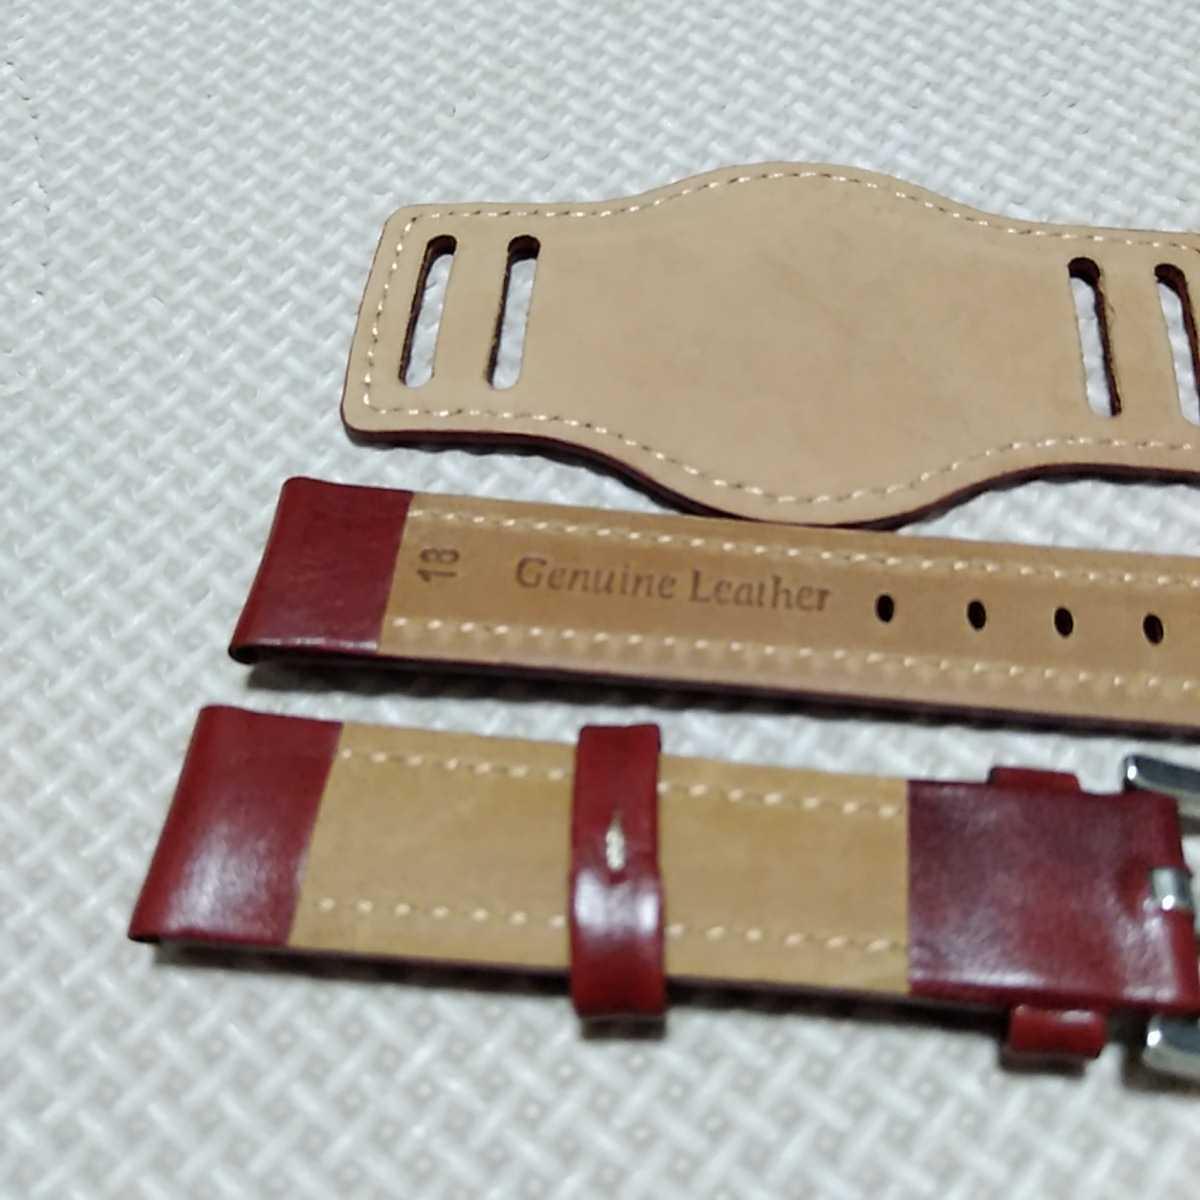 No54 ブンド BUND 本革レザーベルト 腕時計ベルト 交換用ストラップ レッド 18mm 未使用 高品質 ドイツパイロット 空軍_画像6